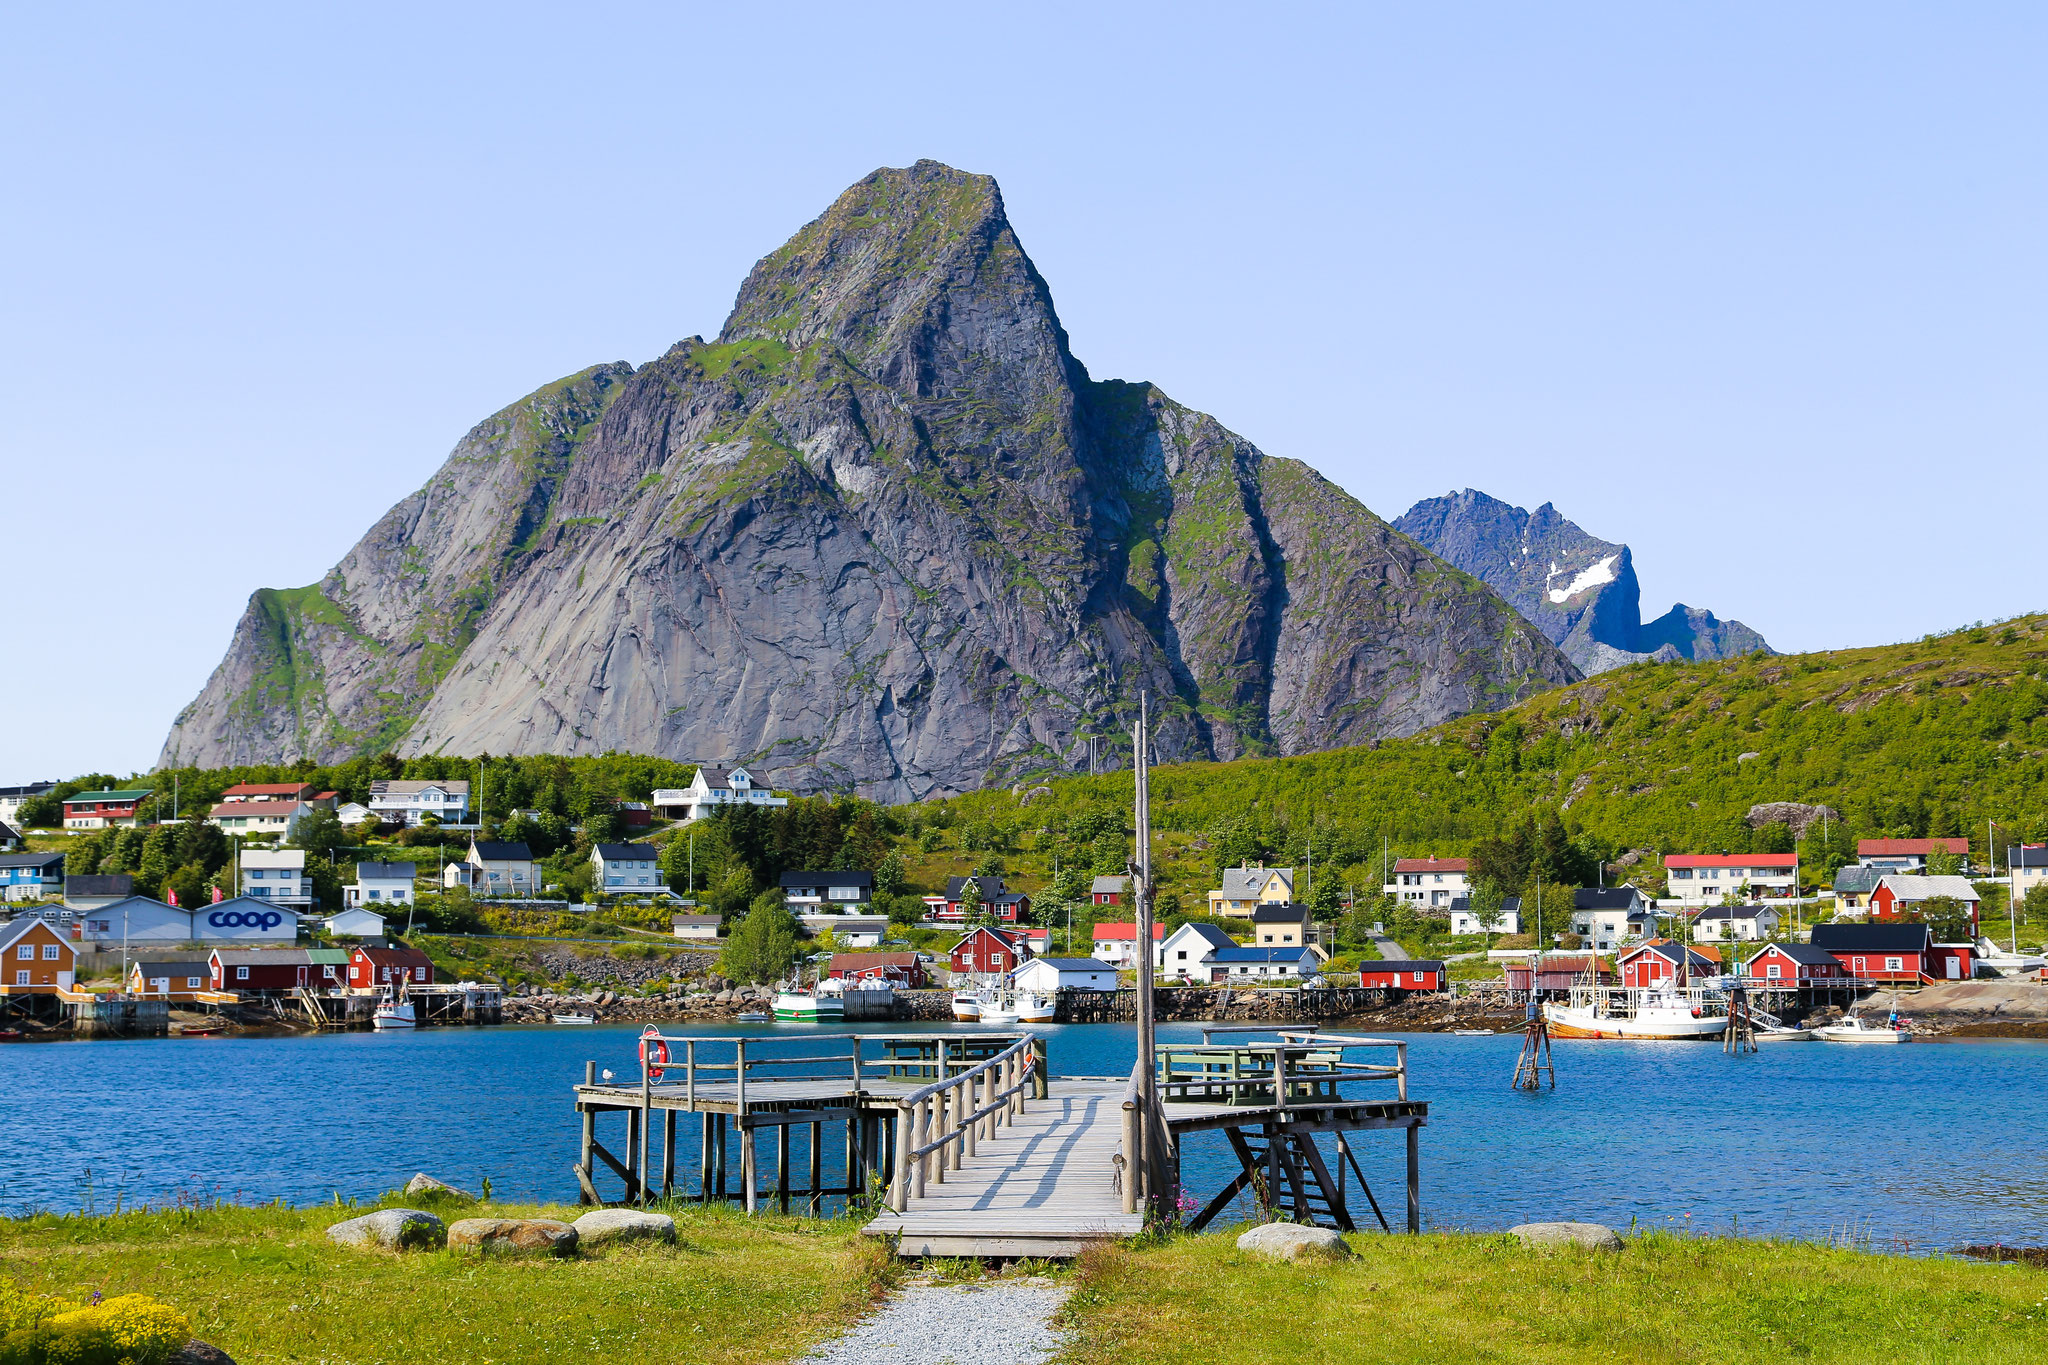 Das Fischerdorf Nusfjord auf den Lofoten, Norwegen © Thomas Rasmus Skauf